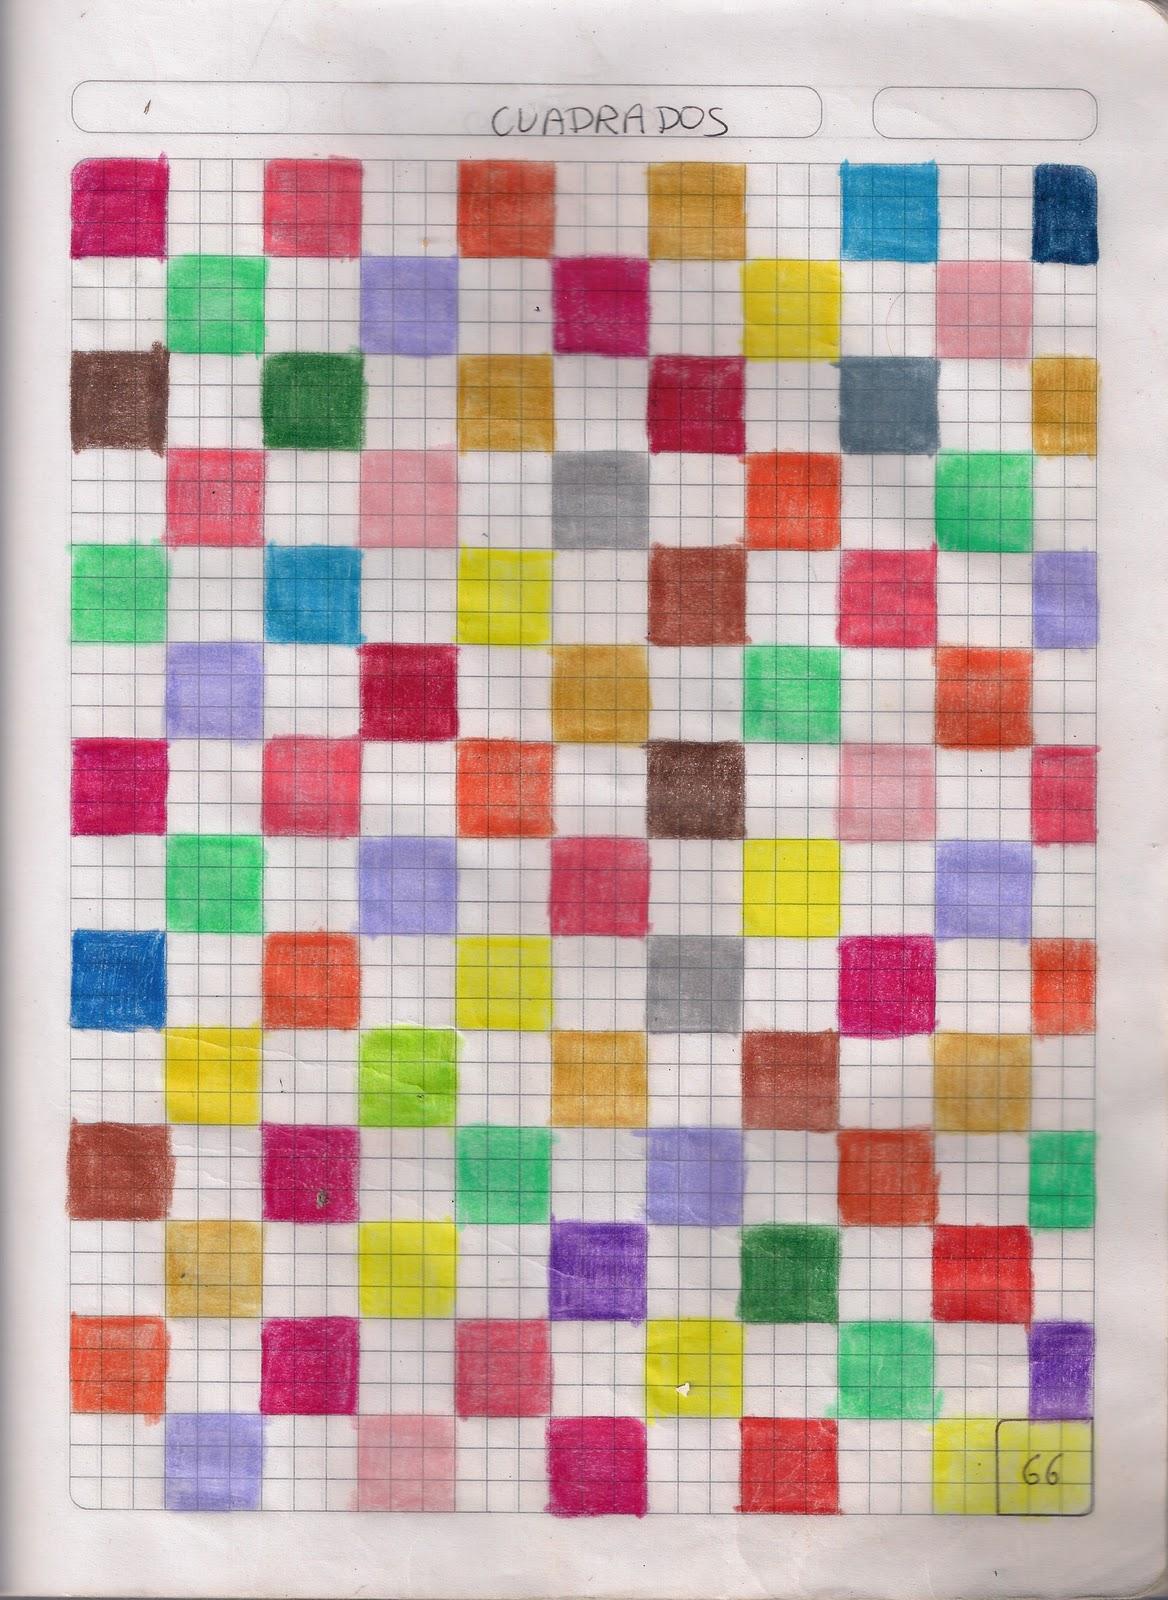 El blog de fernando cardenas 14 feb 2011 - Cuadros de colores ...